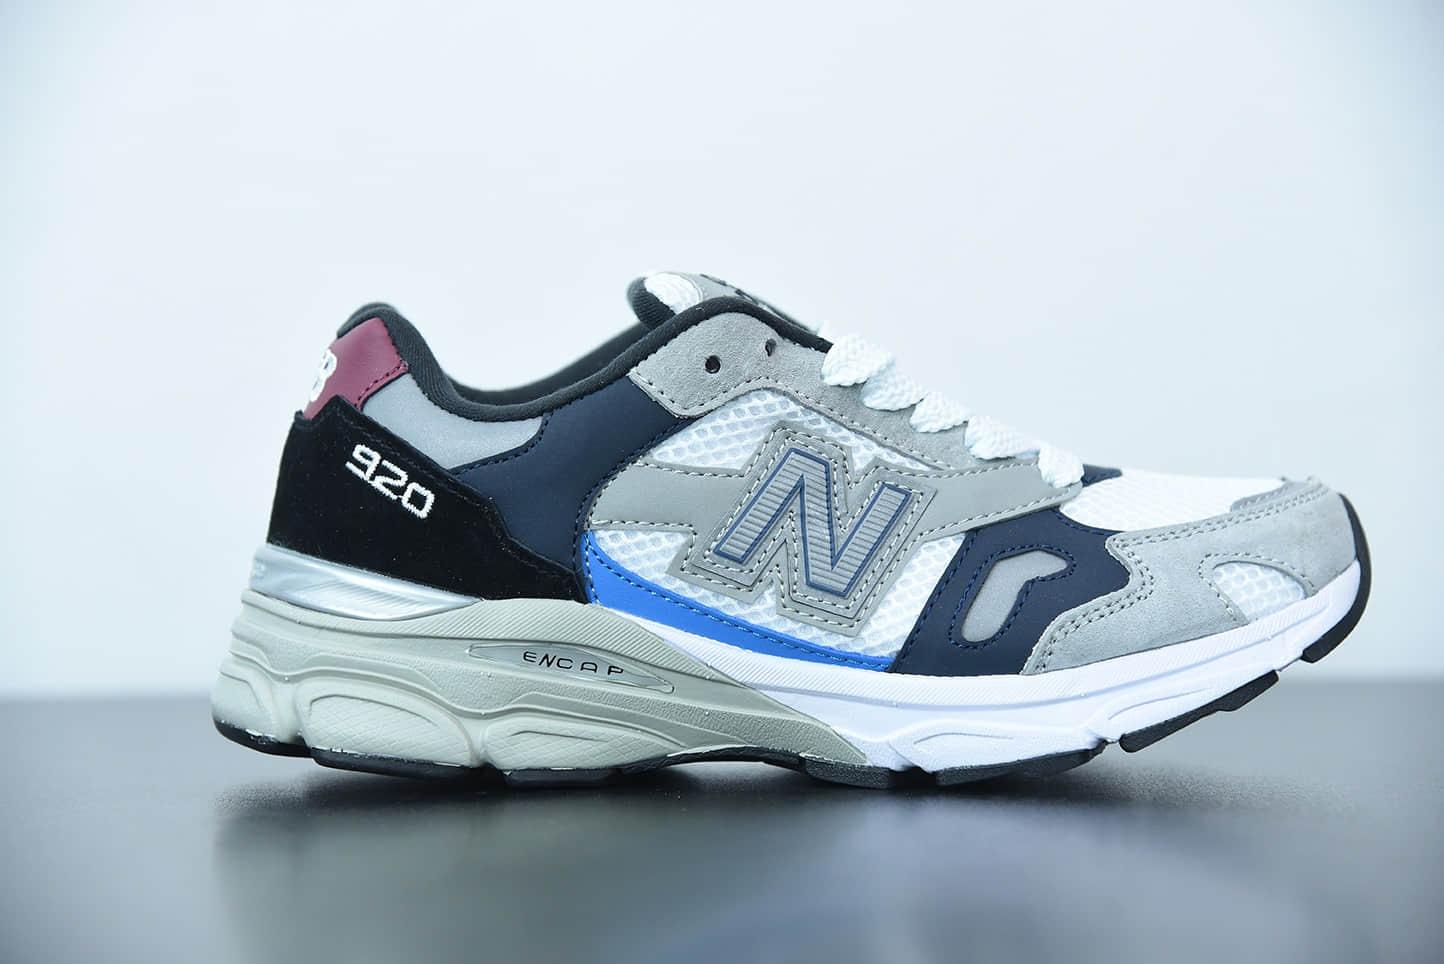 新百伦New Balance M920NBR NB920 白蓝灰美产复古跑鞋纯原版本  货号:M920NBR